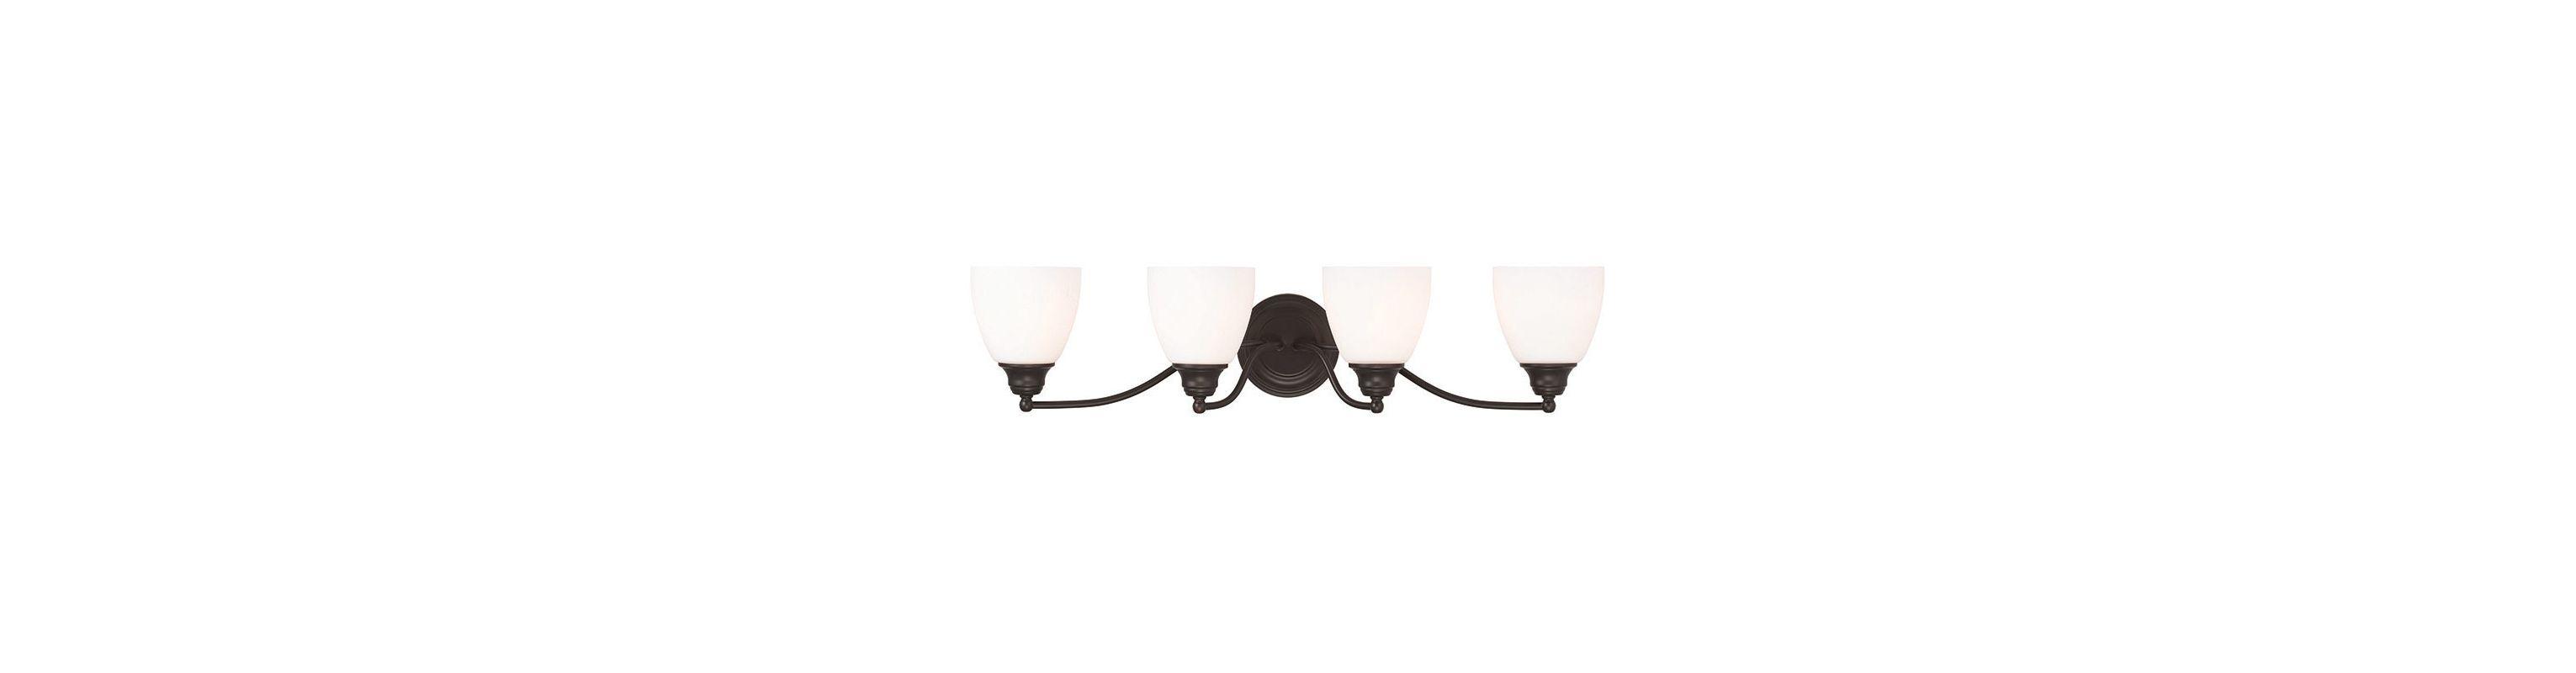 Livex Lighting 13674 Somerville 4 Light Bathroom Vanity Light Bronze